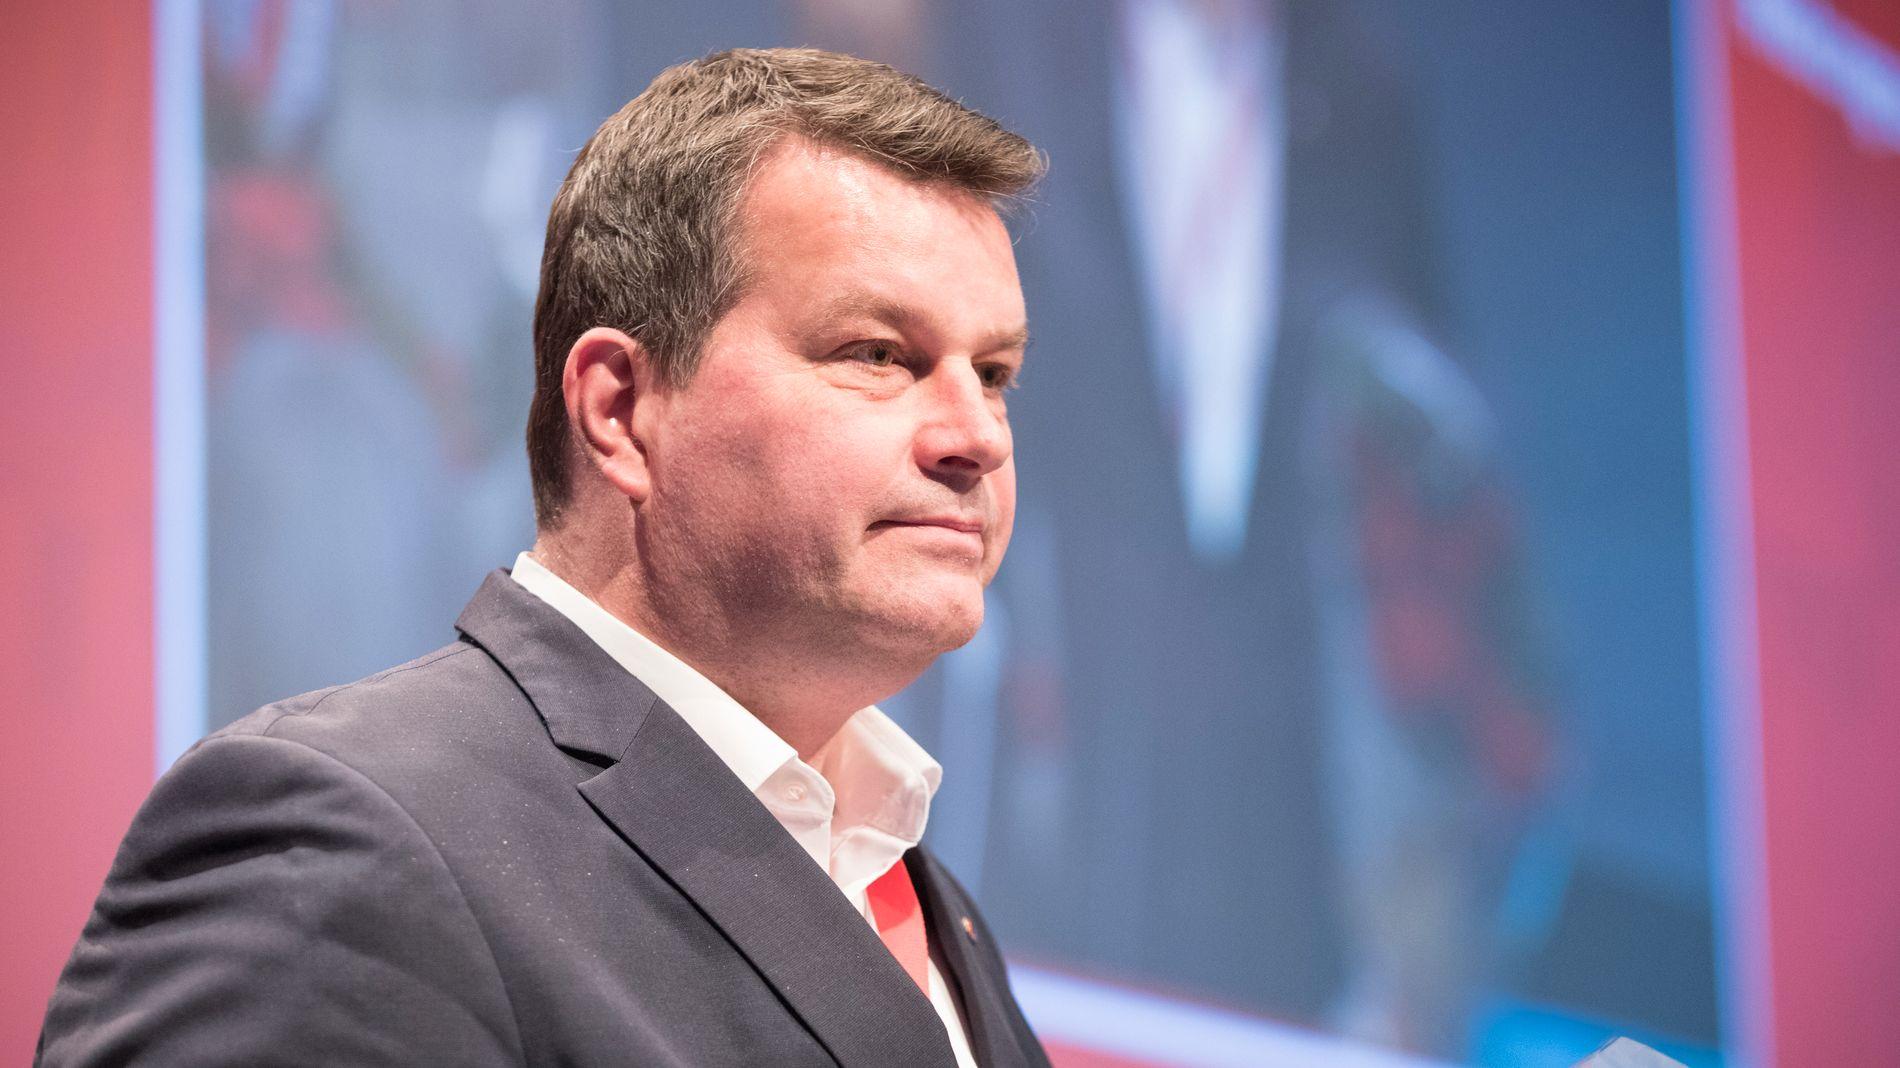 BEKYMRET: LO-leder Hans Christian Gabrielsen (bildet) frykter at regjeringens løfter om kutt i formuesskatten kan ramme sykelønnen til folk flest.